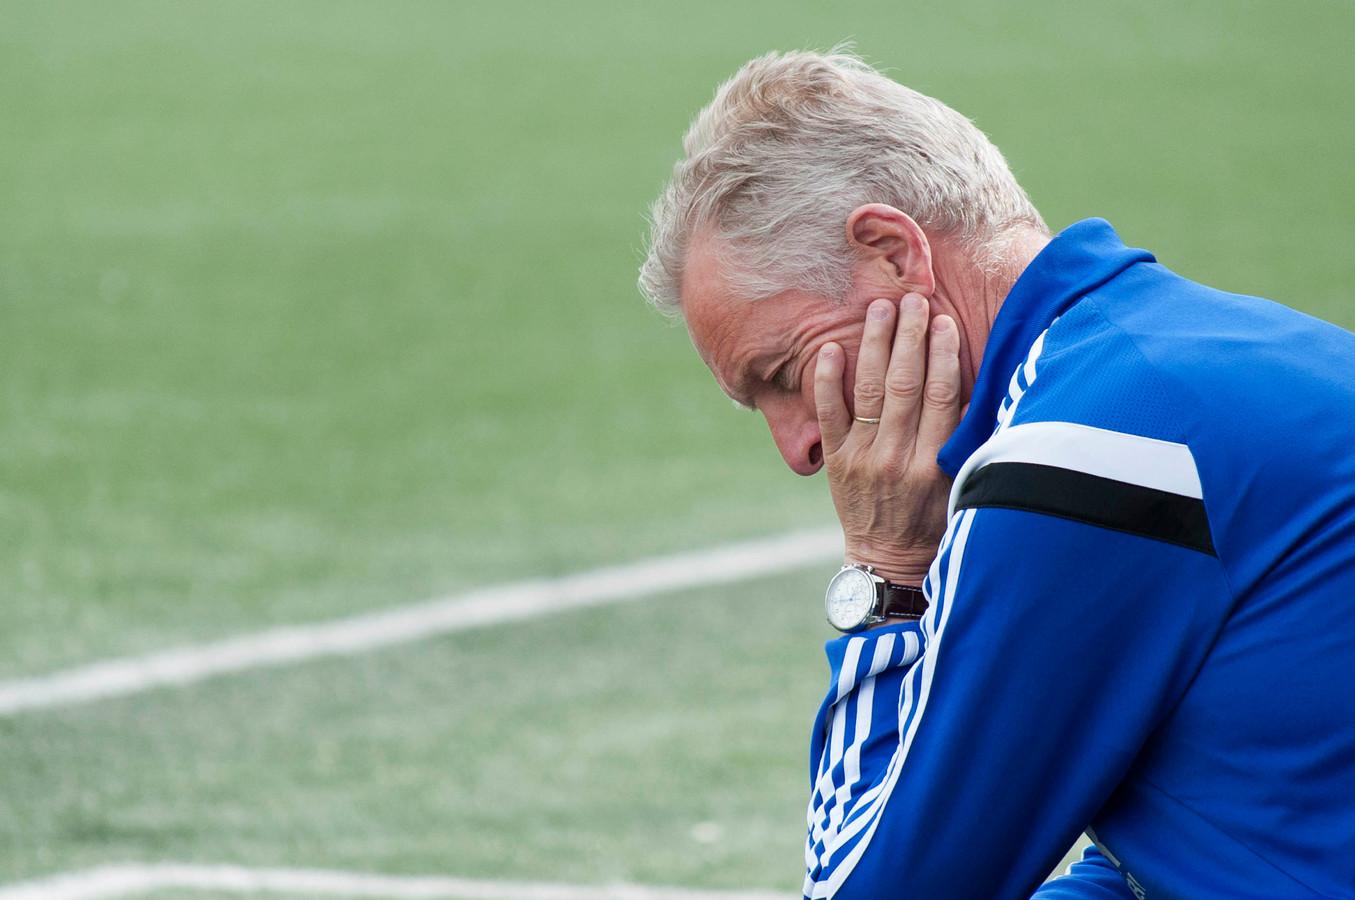 Jos Heutinck kende een goede start als trainer van Varsseveld. De bekerwedstrijd tegen Vogido werd met 1-0 gewonnen.